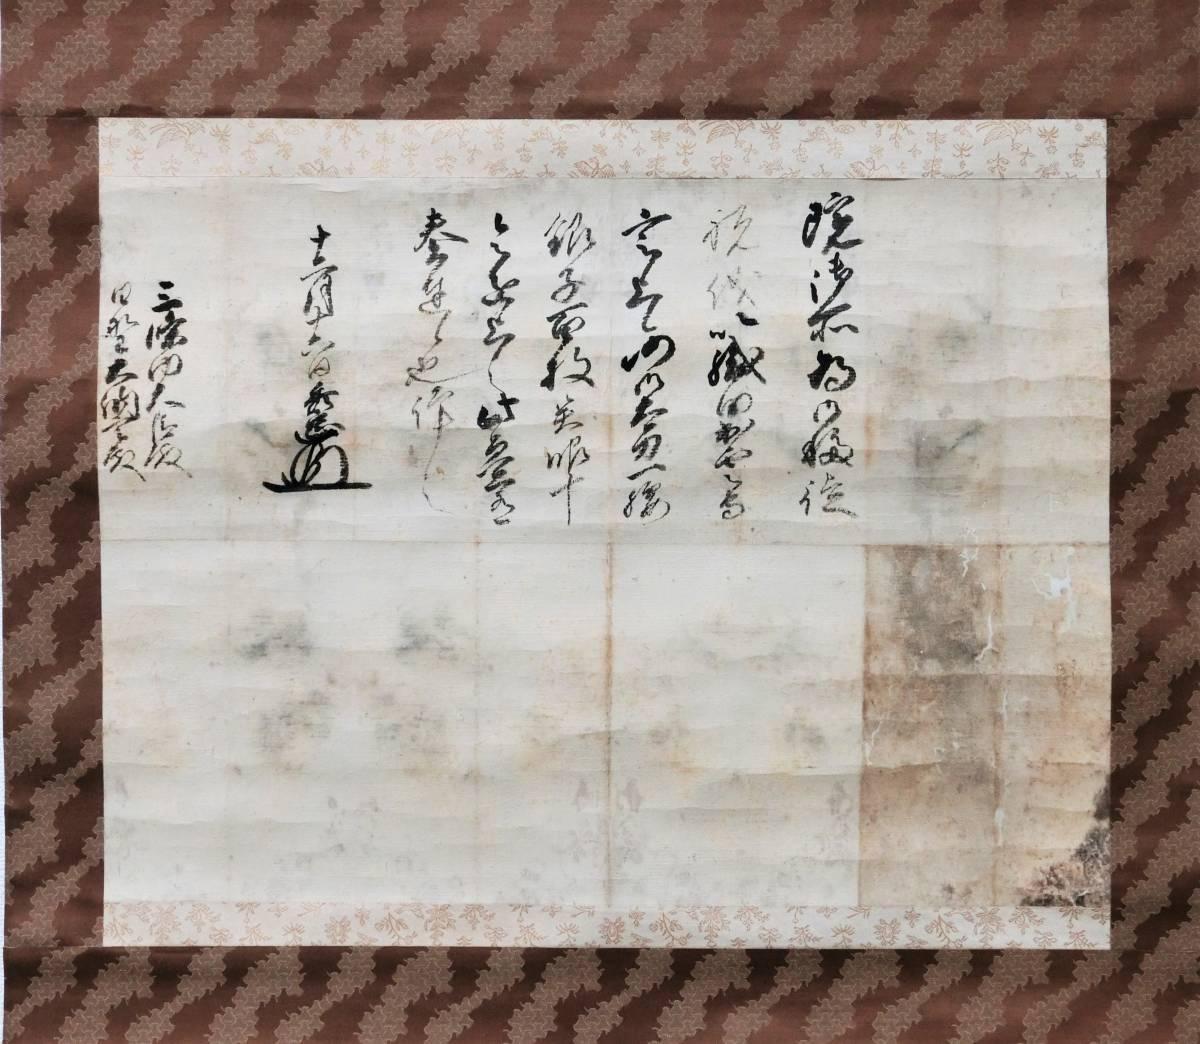 評価 徳川 秀忠